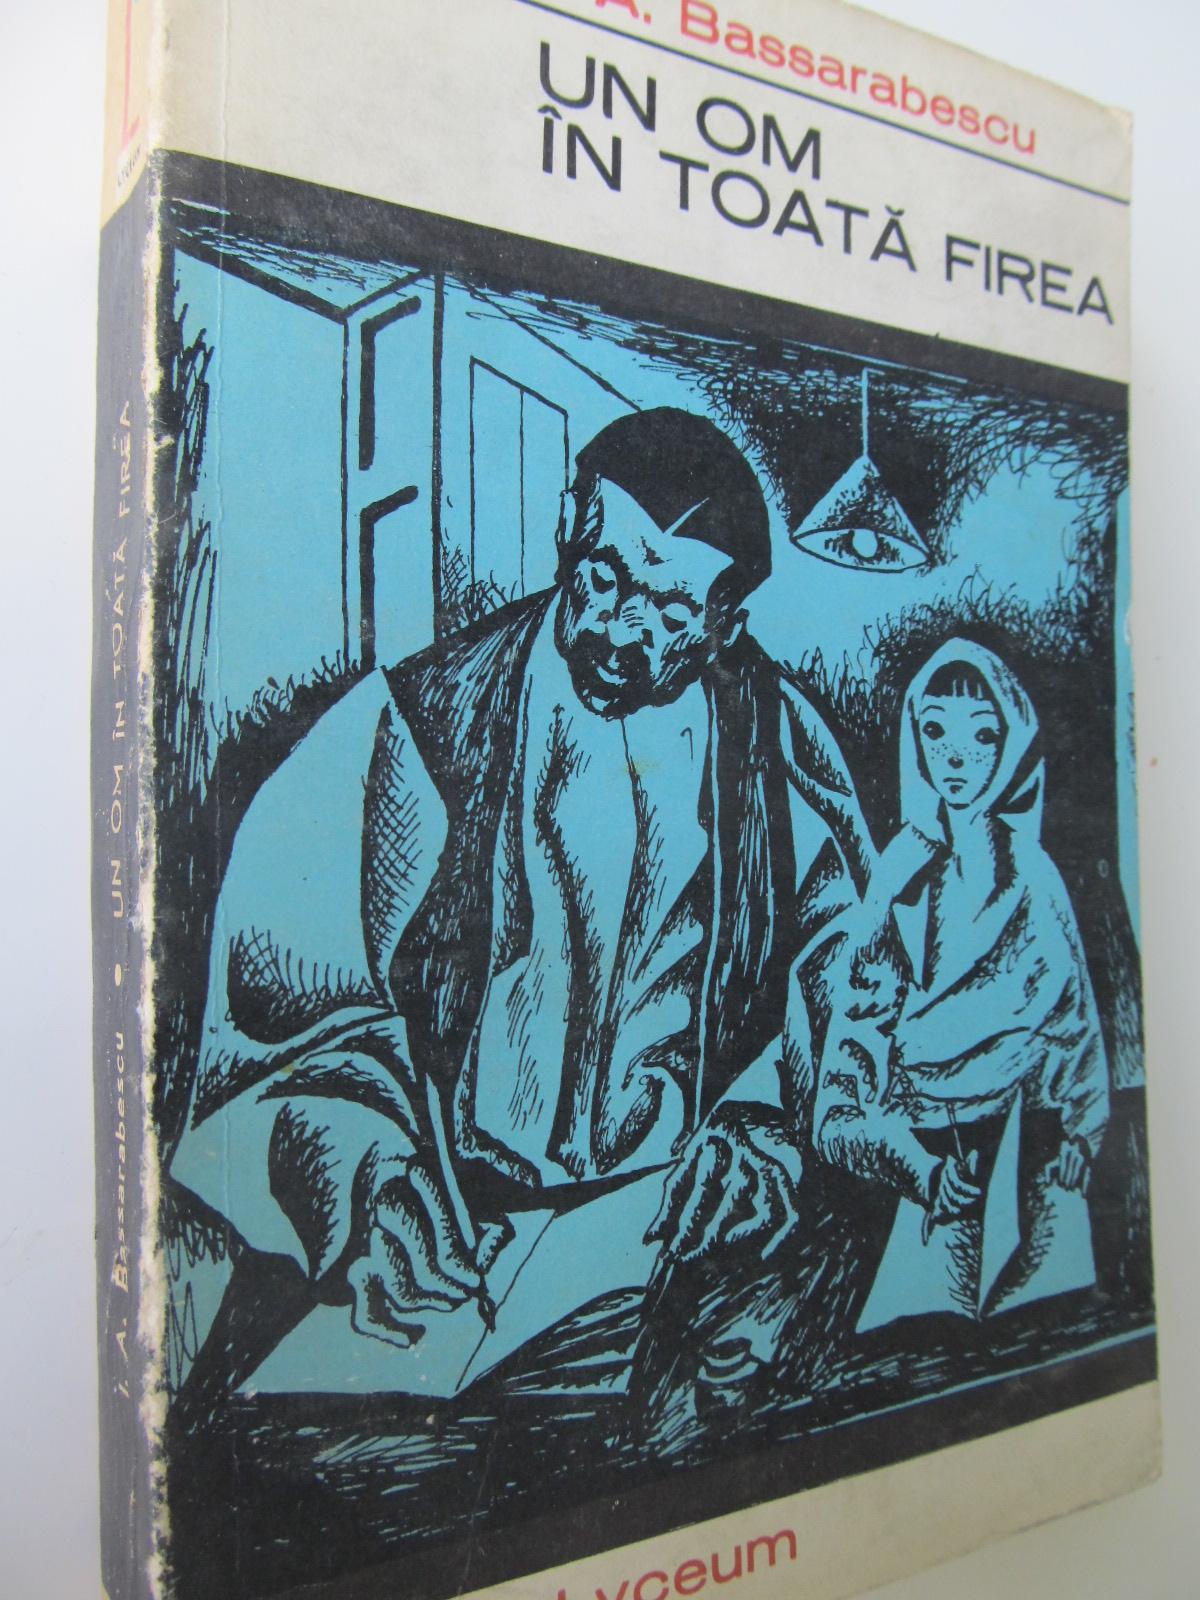 Un om in toata firea - I. A. Bassarabescu | Detalii carte